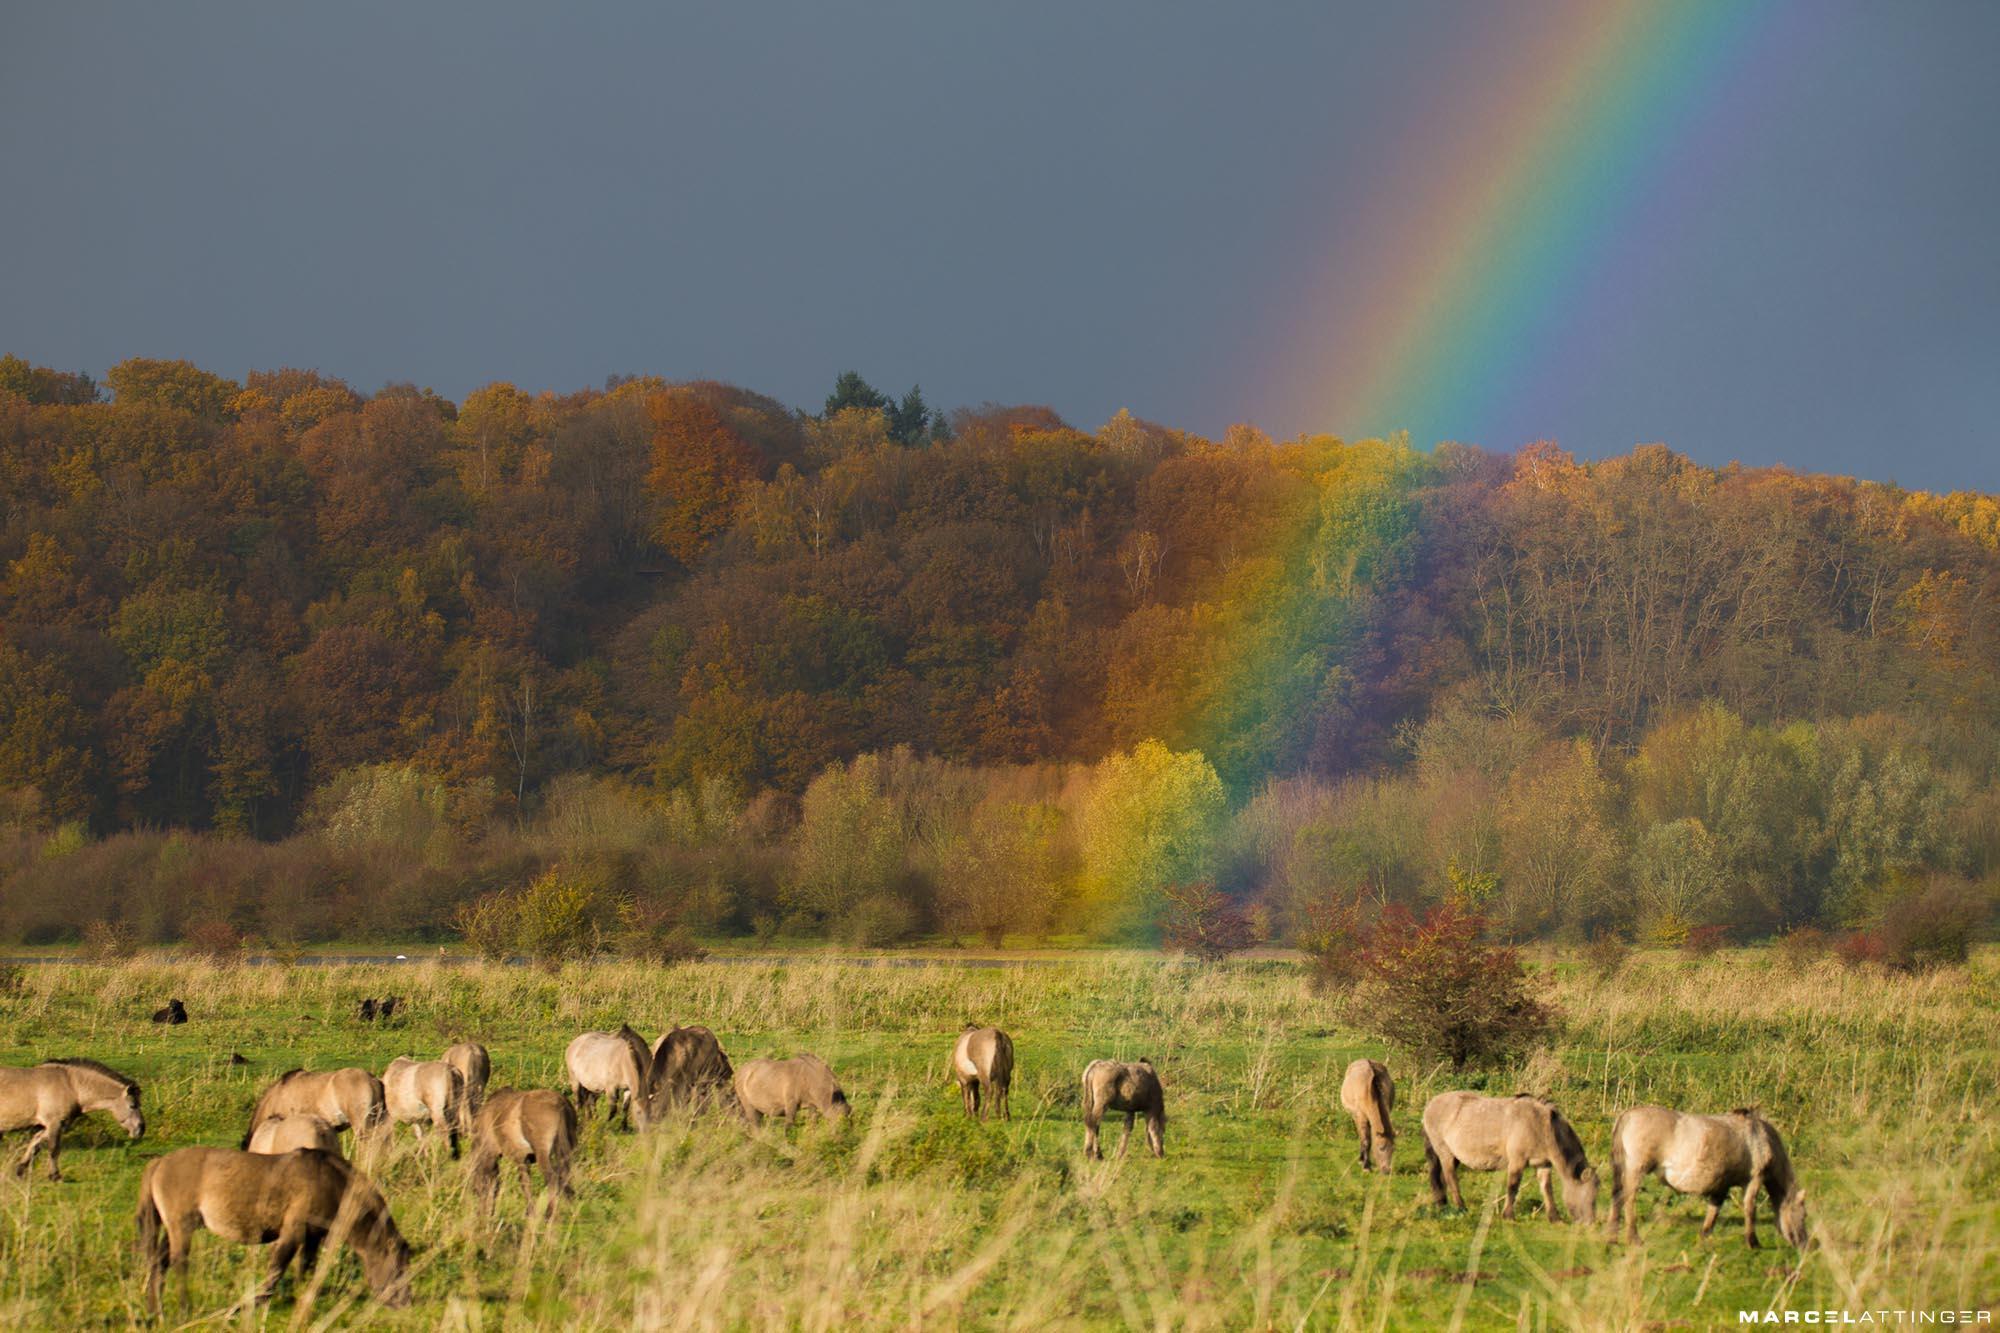 Regenboog boven natuurgebied Blauwe Kamer